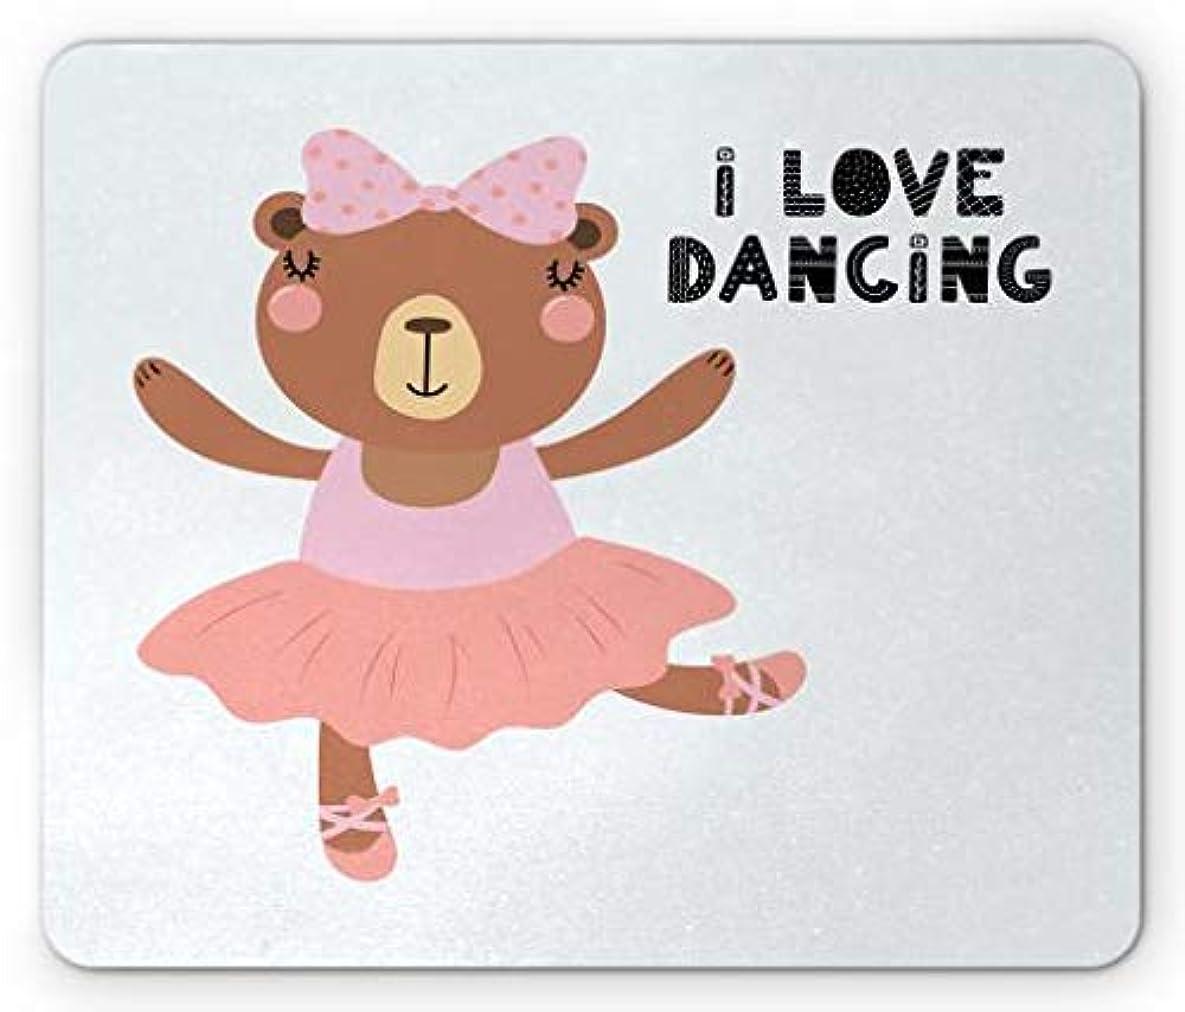 マーケティング冷蔵するファイターダンスマウスパッド、レタリング引用付きチュチュポアントシューズのファニーベアバレリーナ、ダンスが大好き、標準サイズの長方形滑り止めラバーマウスパッド、多色